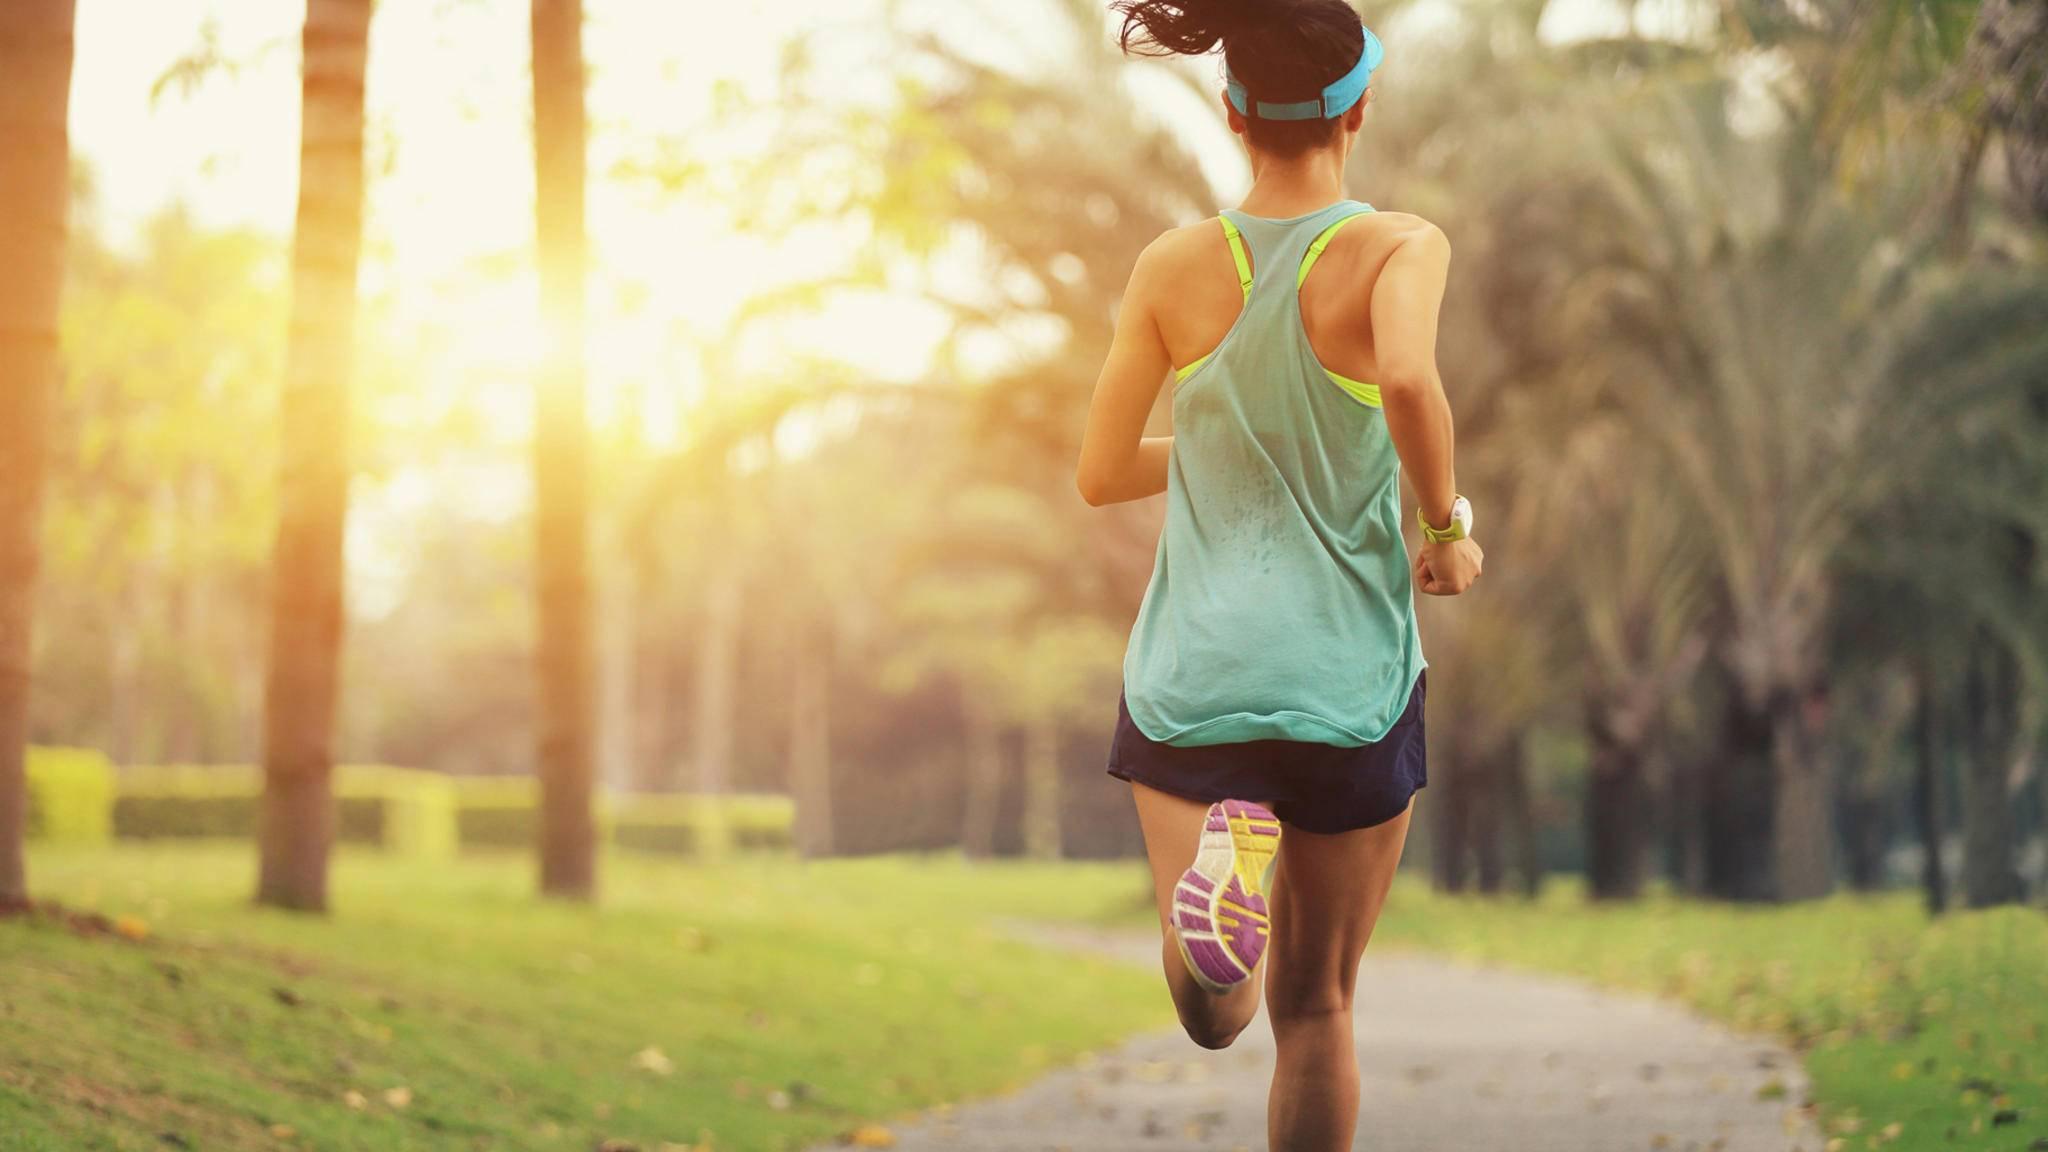 Beim Joggen können Lauf-Gadgets hilfreich sein.